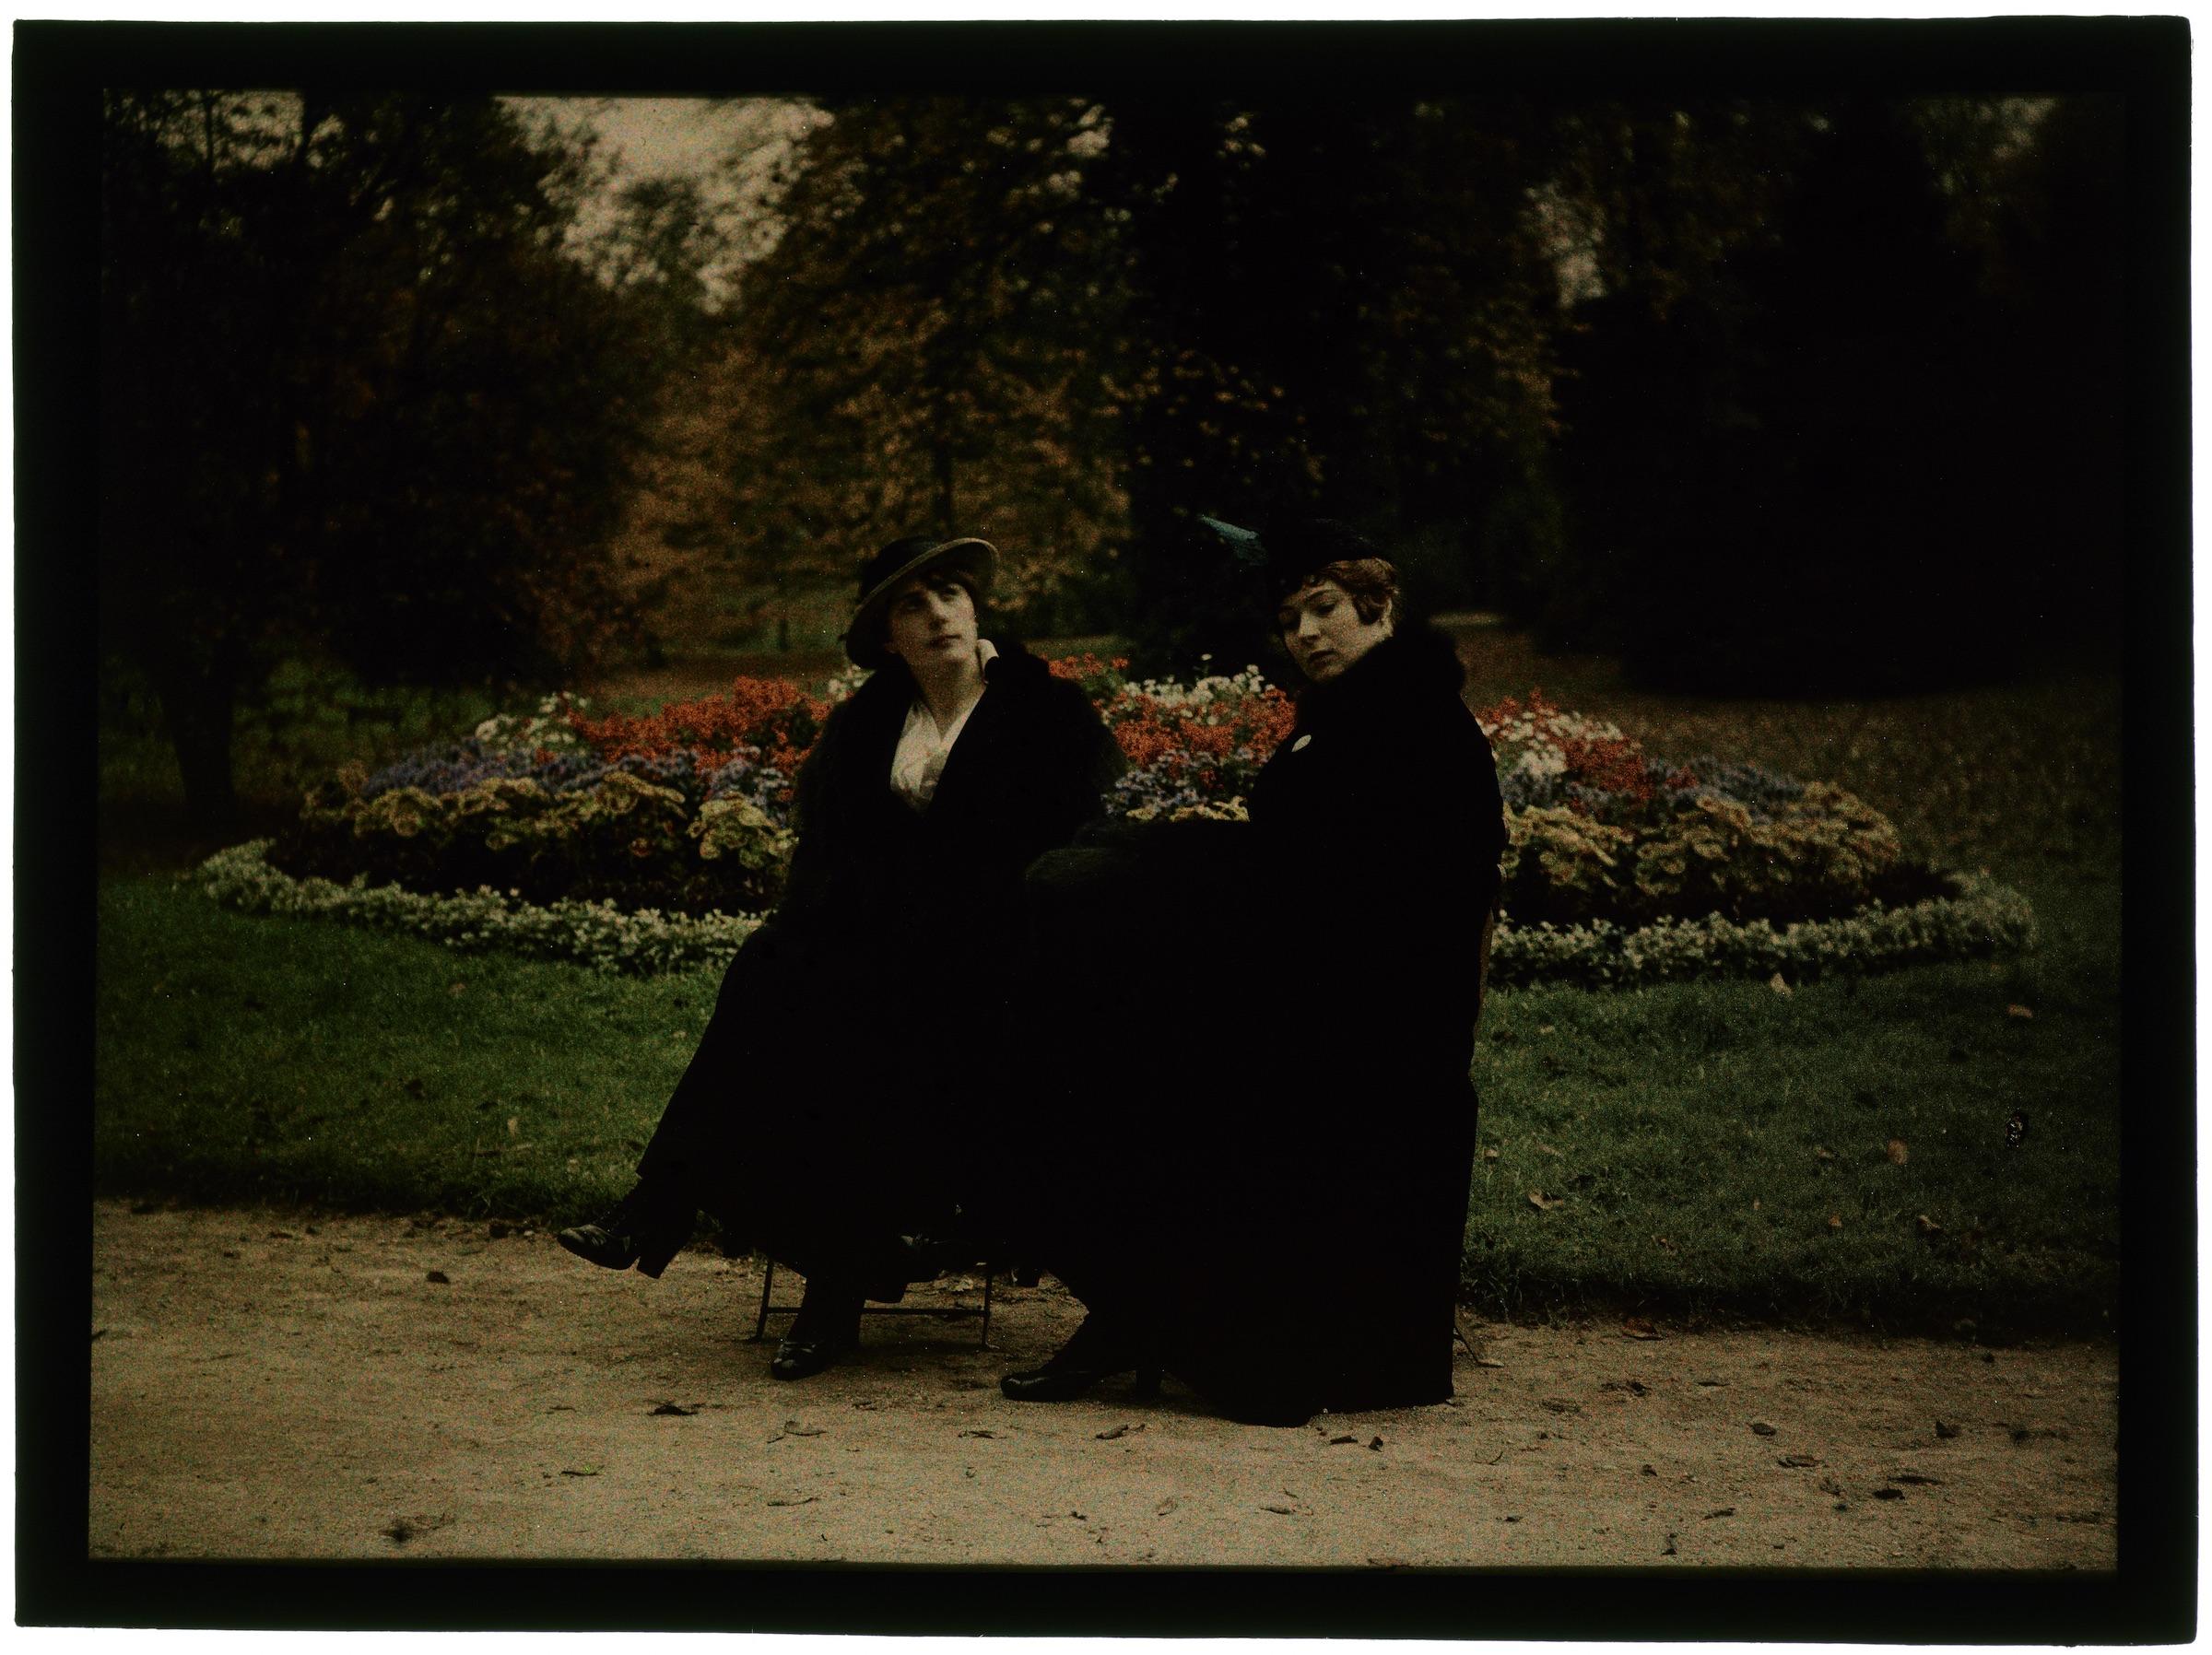 Une ou deux femmes au jardin public